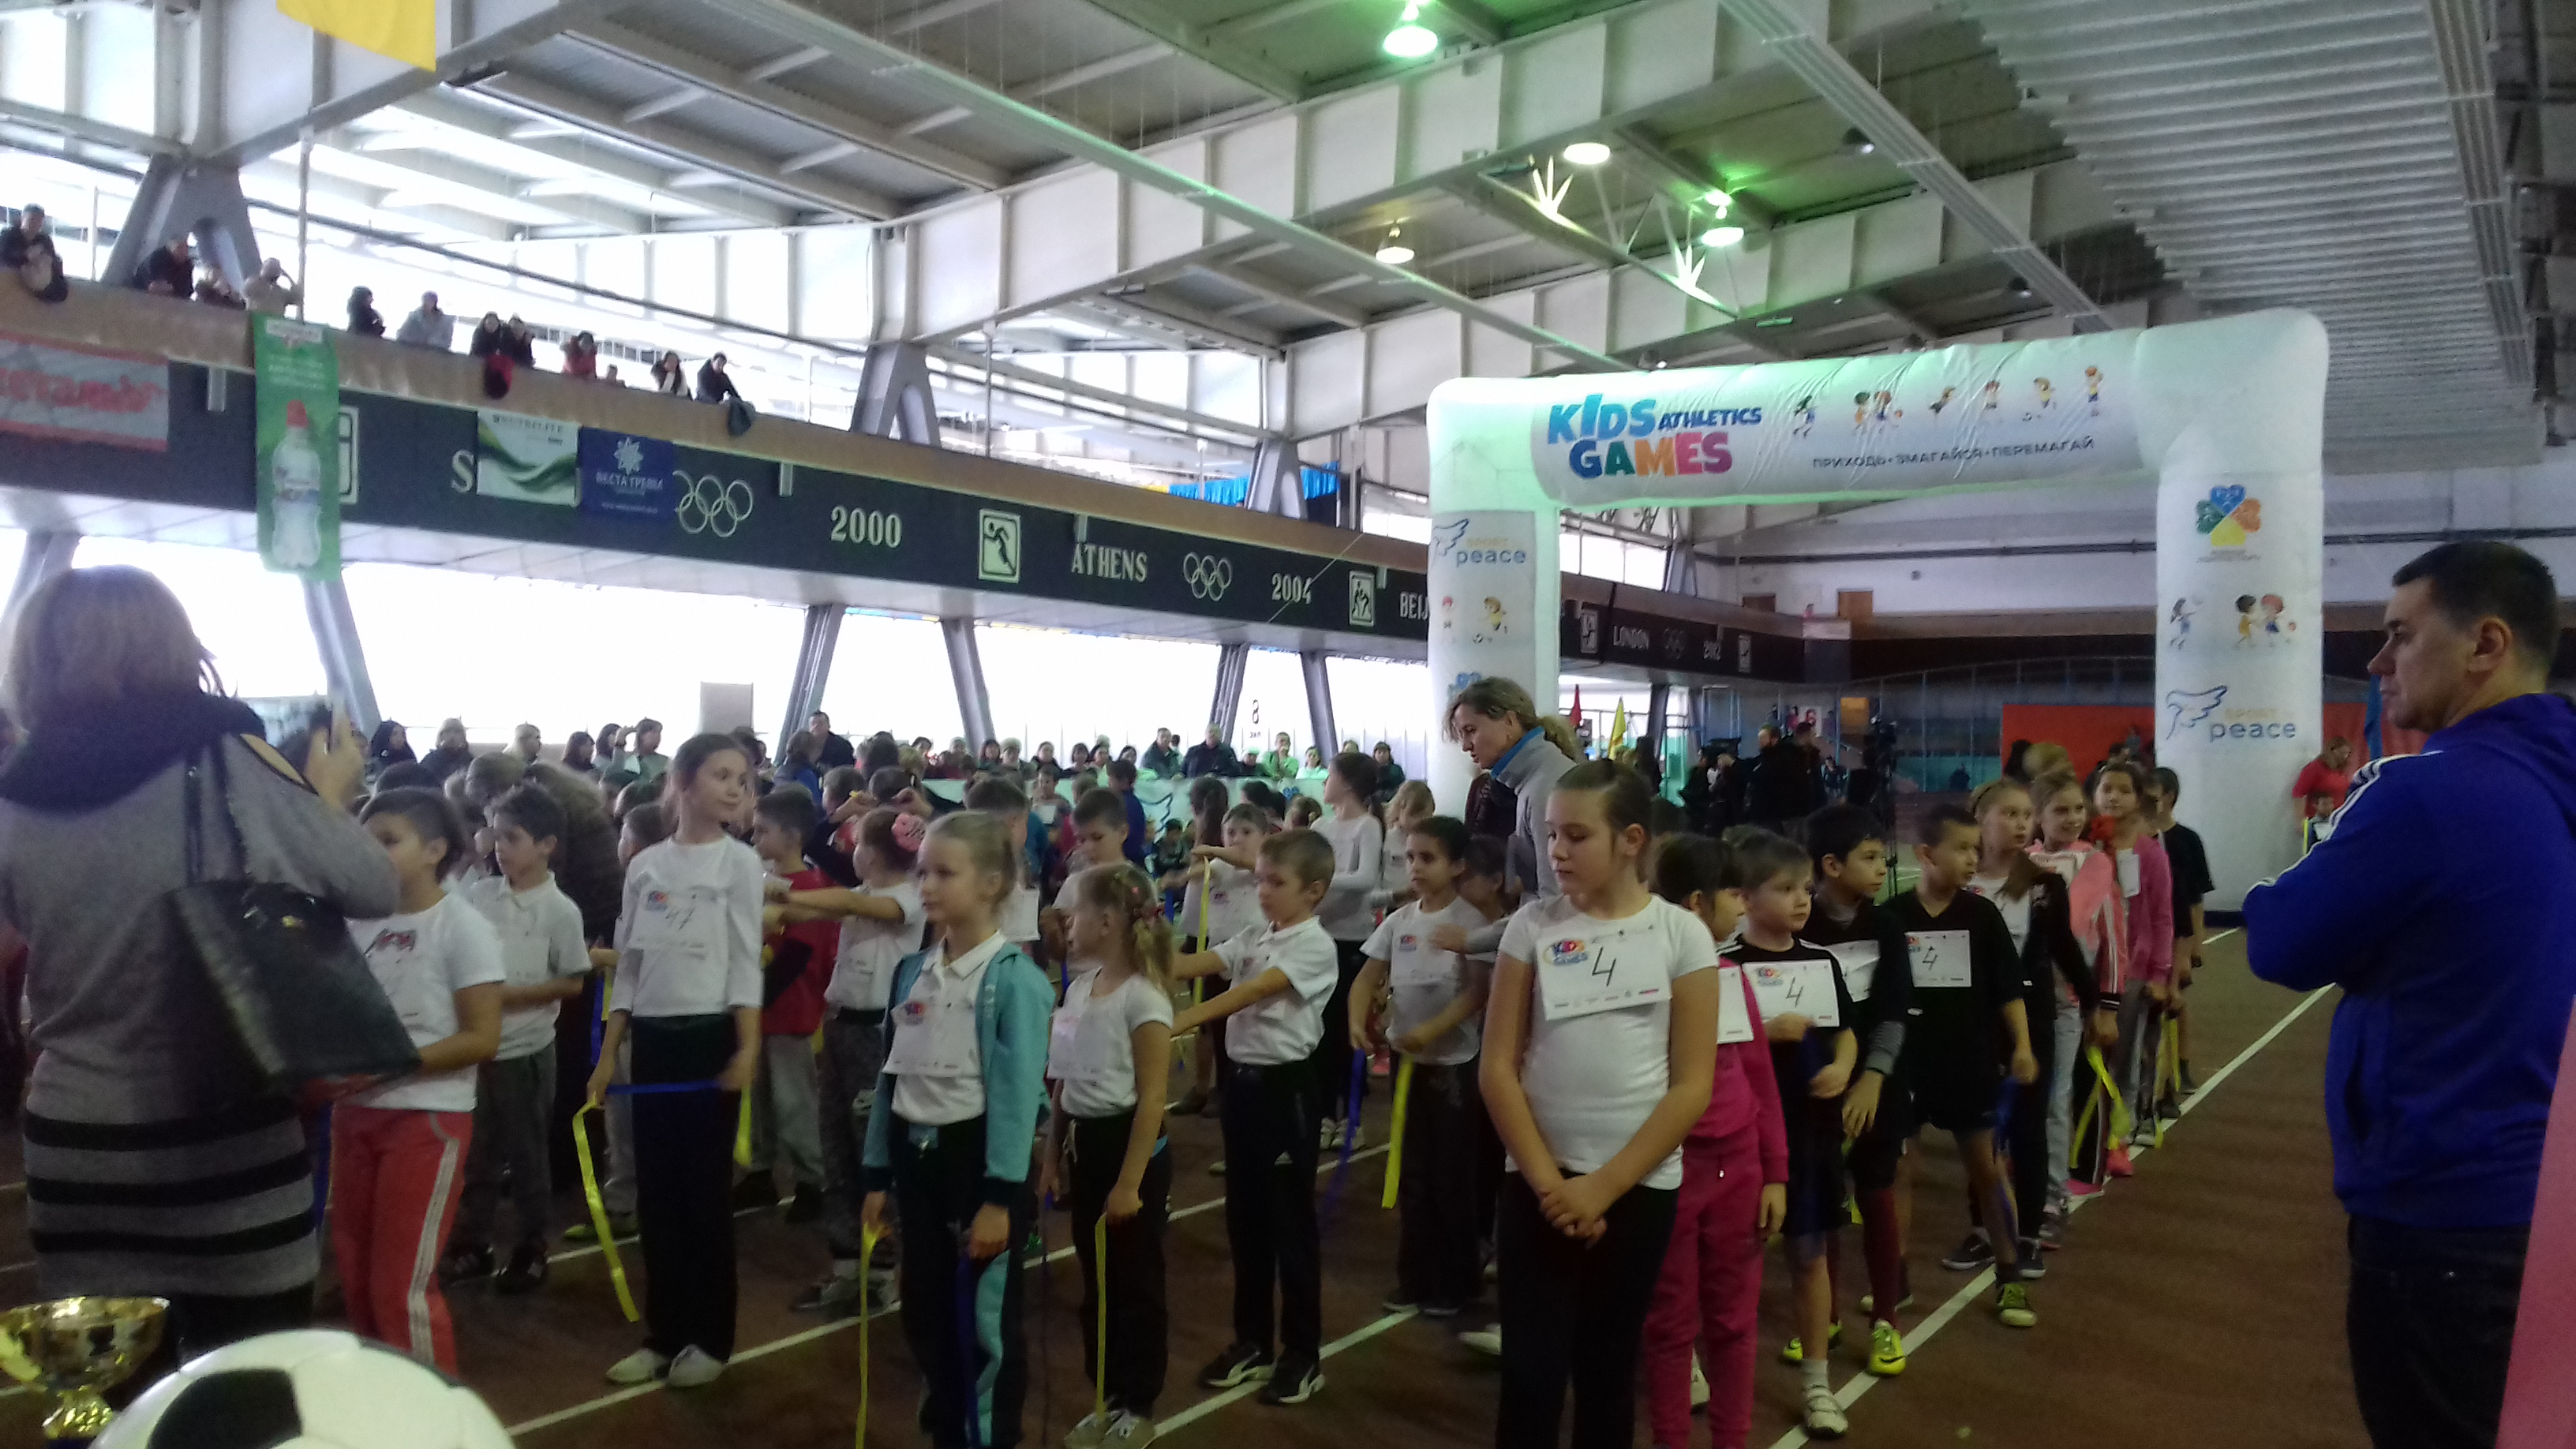 Запорожские школьники приняли участие во всеукраинских спортивных соревнованиях - ФОТО